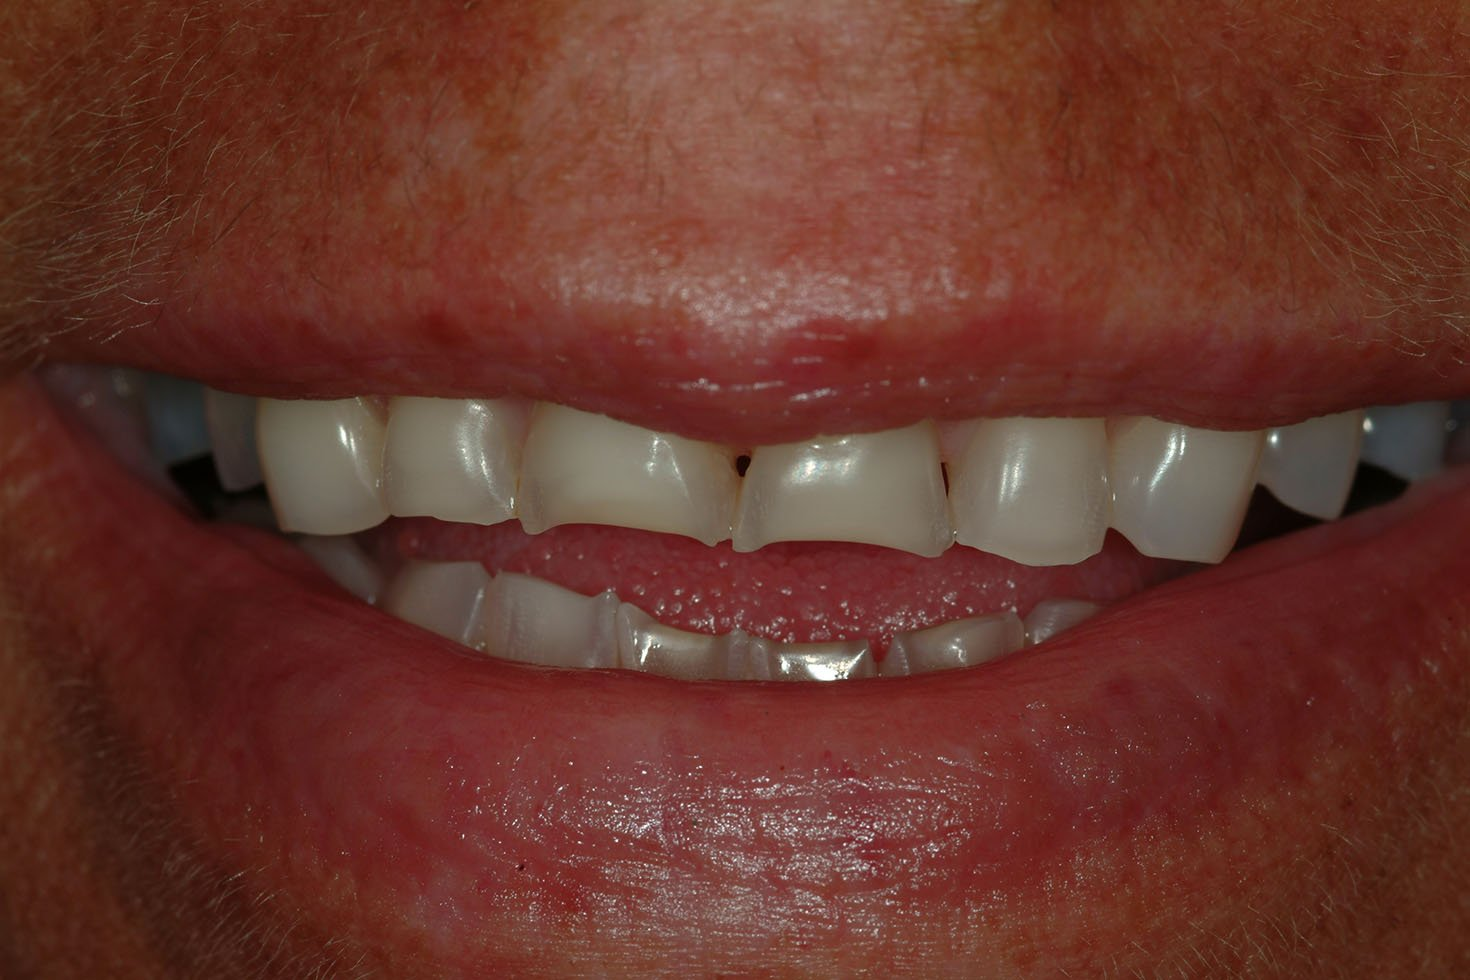 Teeths